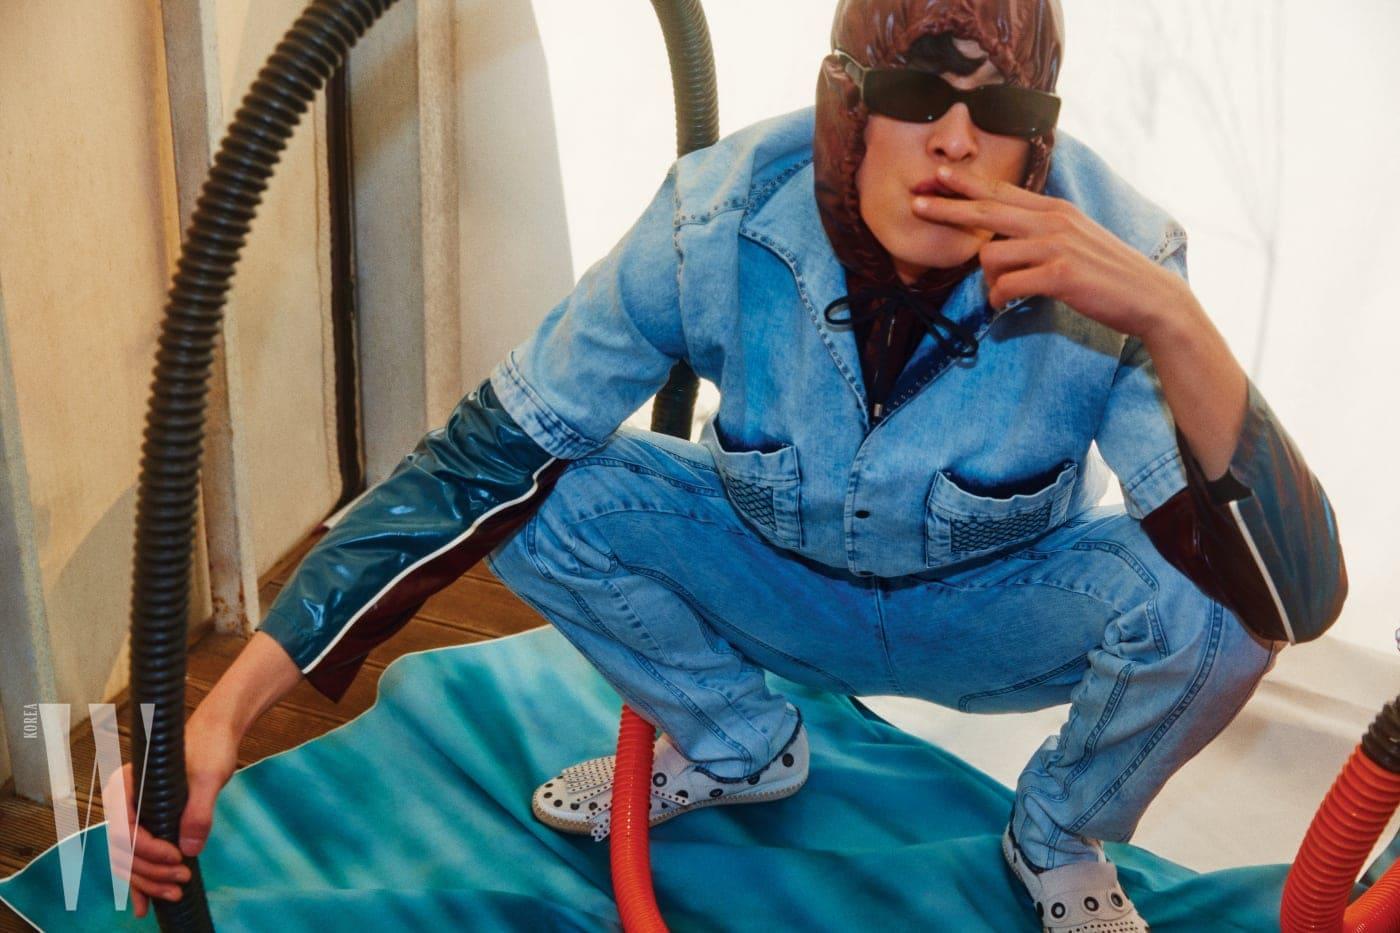 데님 셔츠와 팬츠, 슈즈는 모두 Bottega Veneta, 안에 입은 후드 트랙 재킷은 Hermes, 선글라스는 Mahrcato 제품.